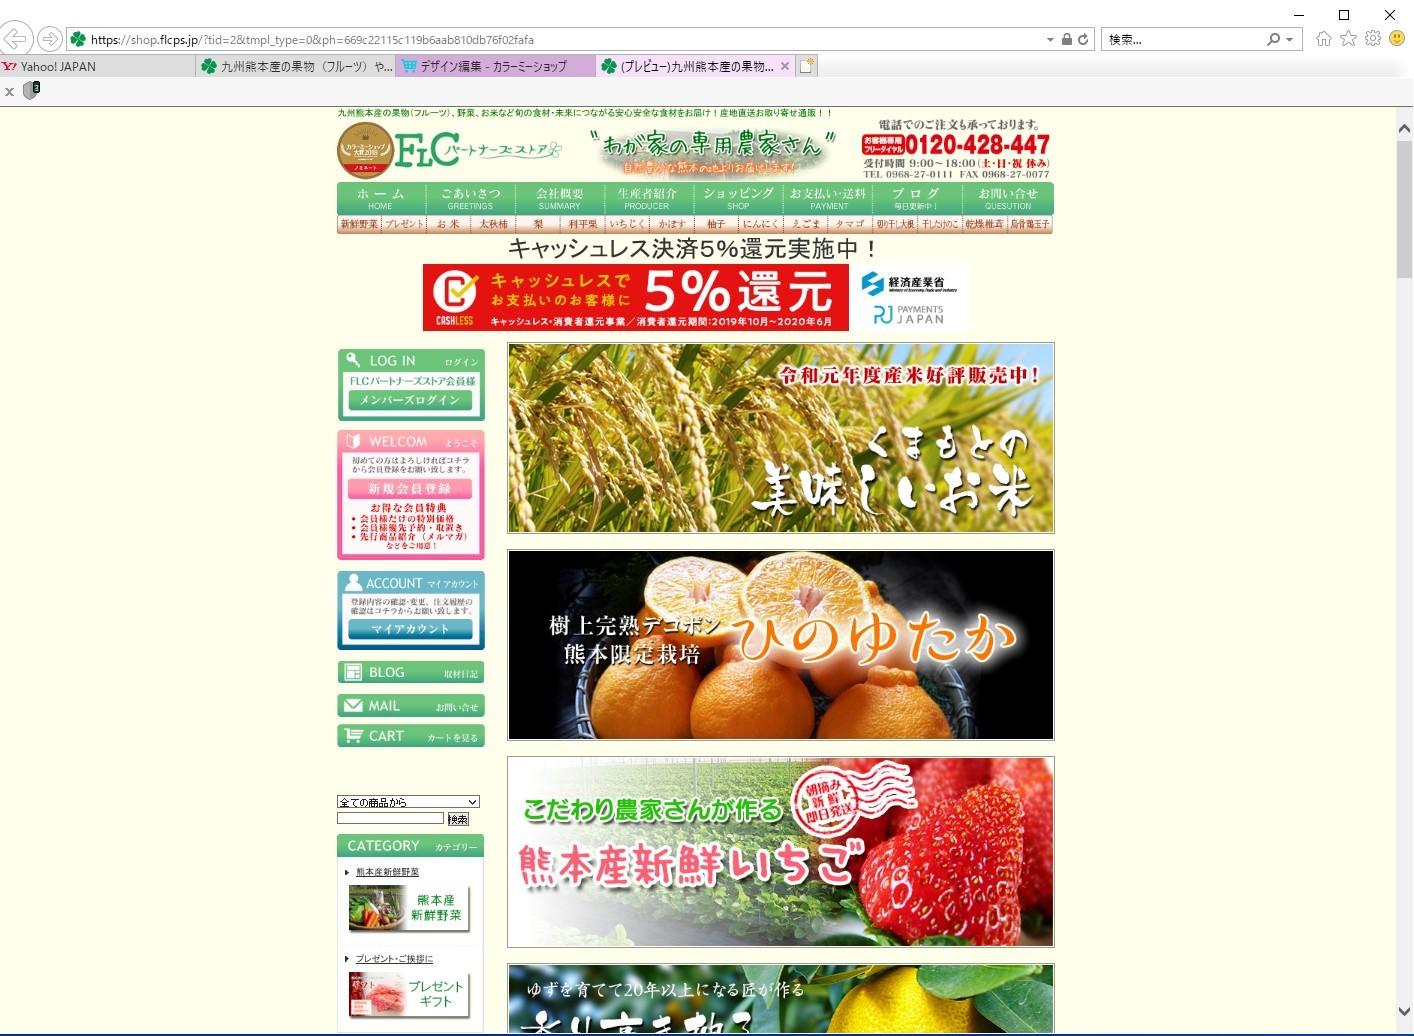 『陽だまり弁当』が届きました!熊本県菊池市のNPO法人「きらり水源村」の 心温まる取り組みを紹介! _a0254656_17470470.jpg